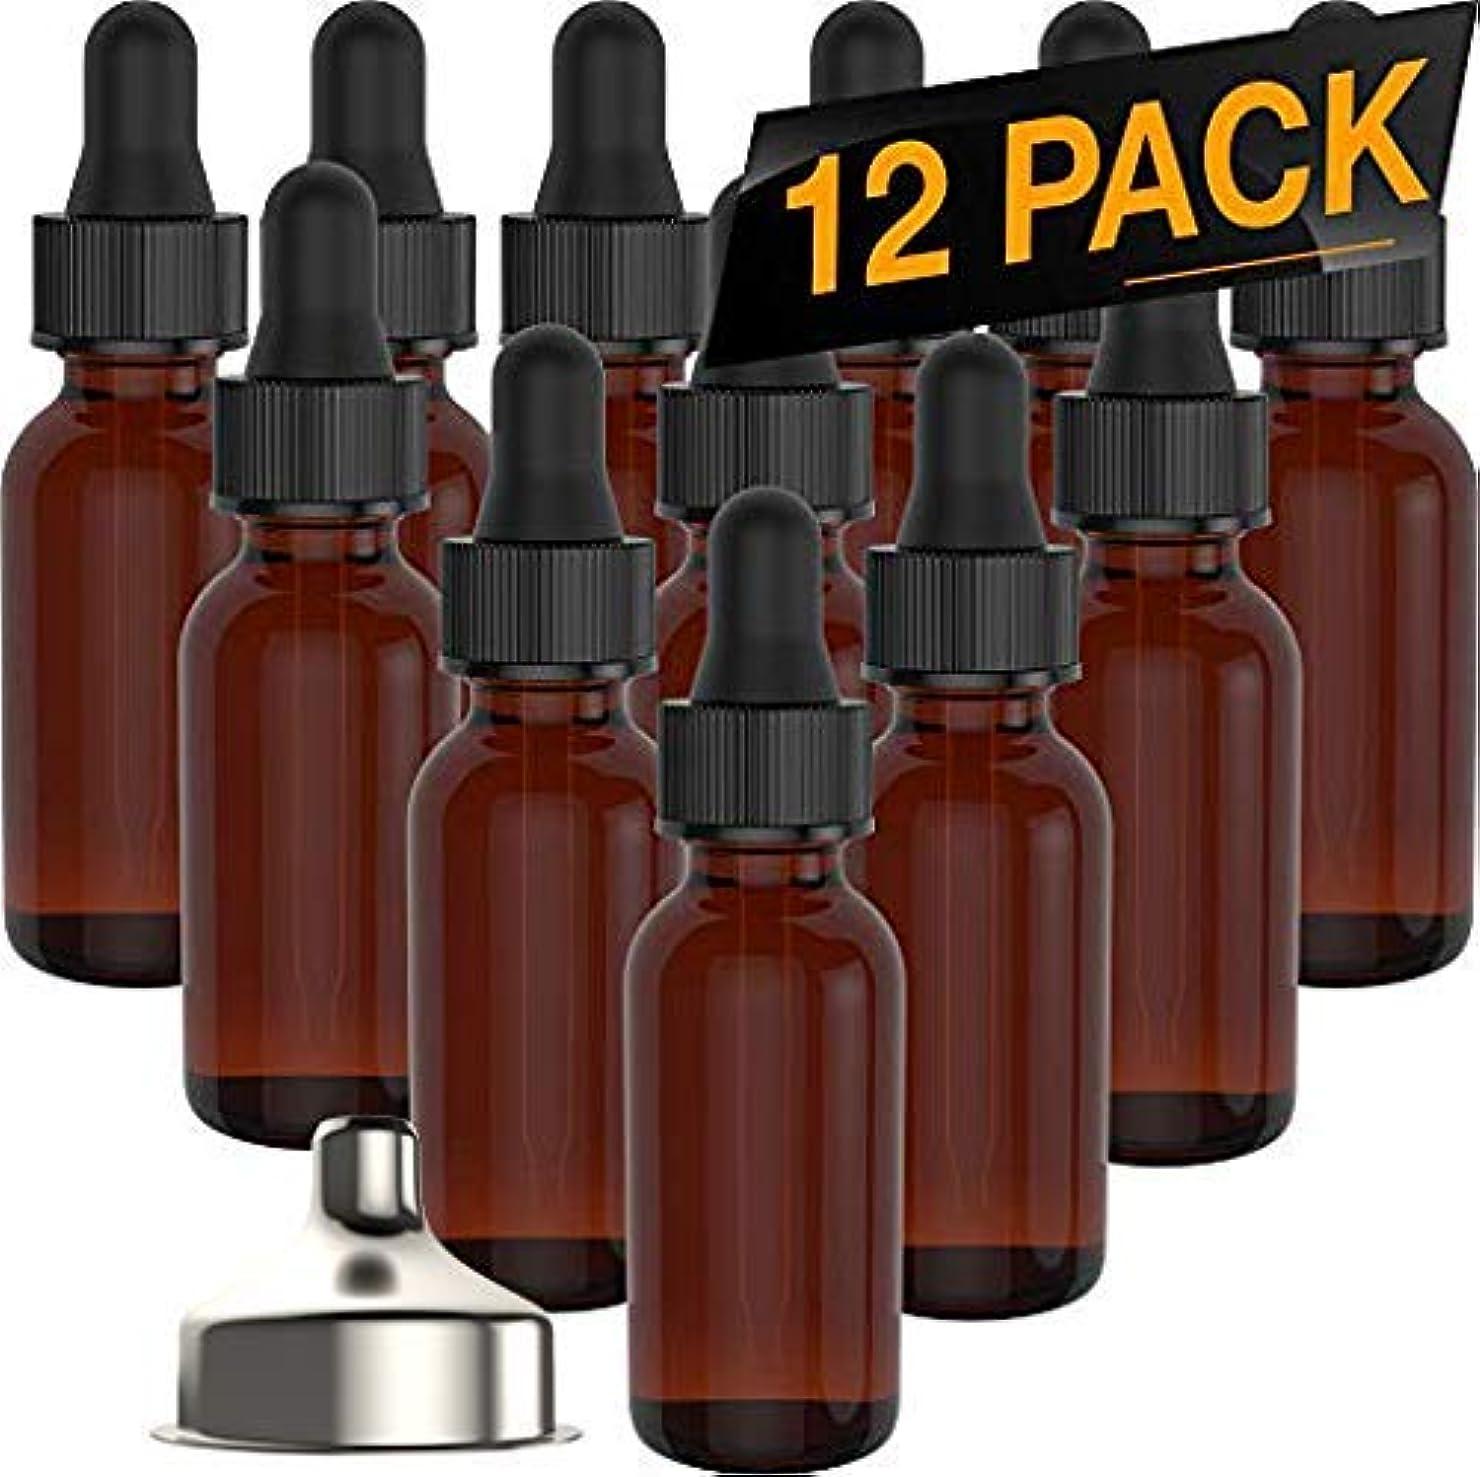 入学するチャームヒットEssential Oil Roller Bottles - Round Boston Empty Refillable Amber Bottle with Glass Dropper [ Free Stainless Steel Funnel ] for Liquid Aromatherapy Fragrance Lot - (1/2 oz) 15ml (12 PACK) [並行輸入品]